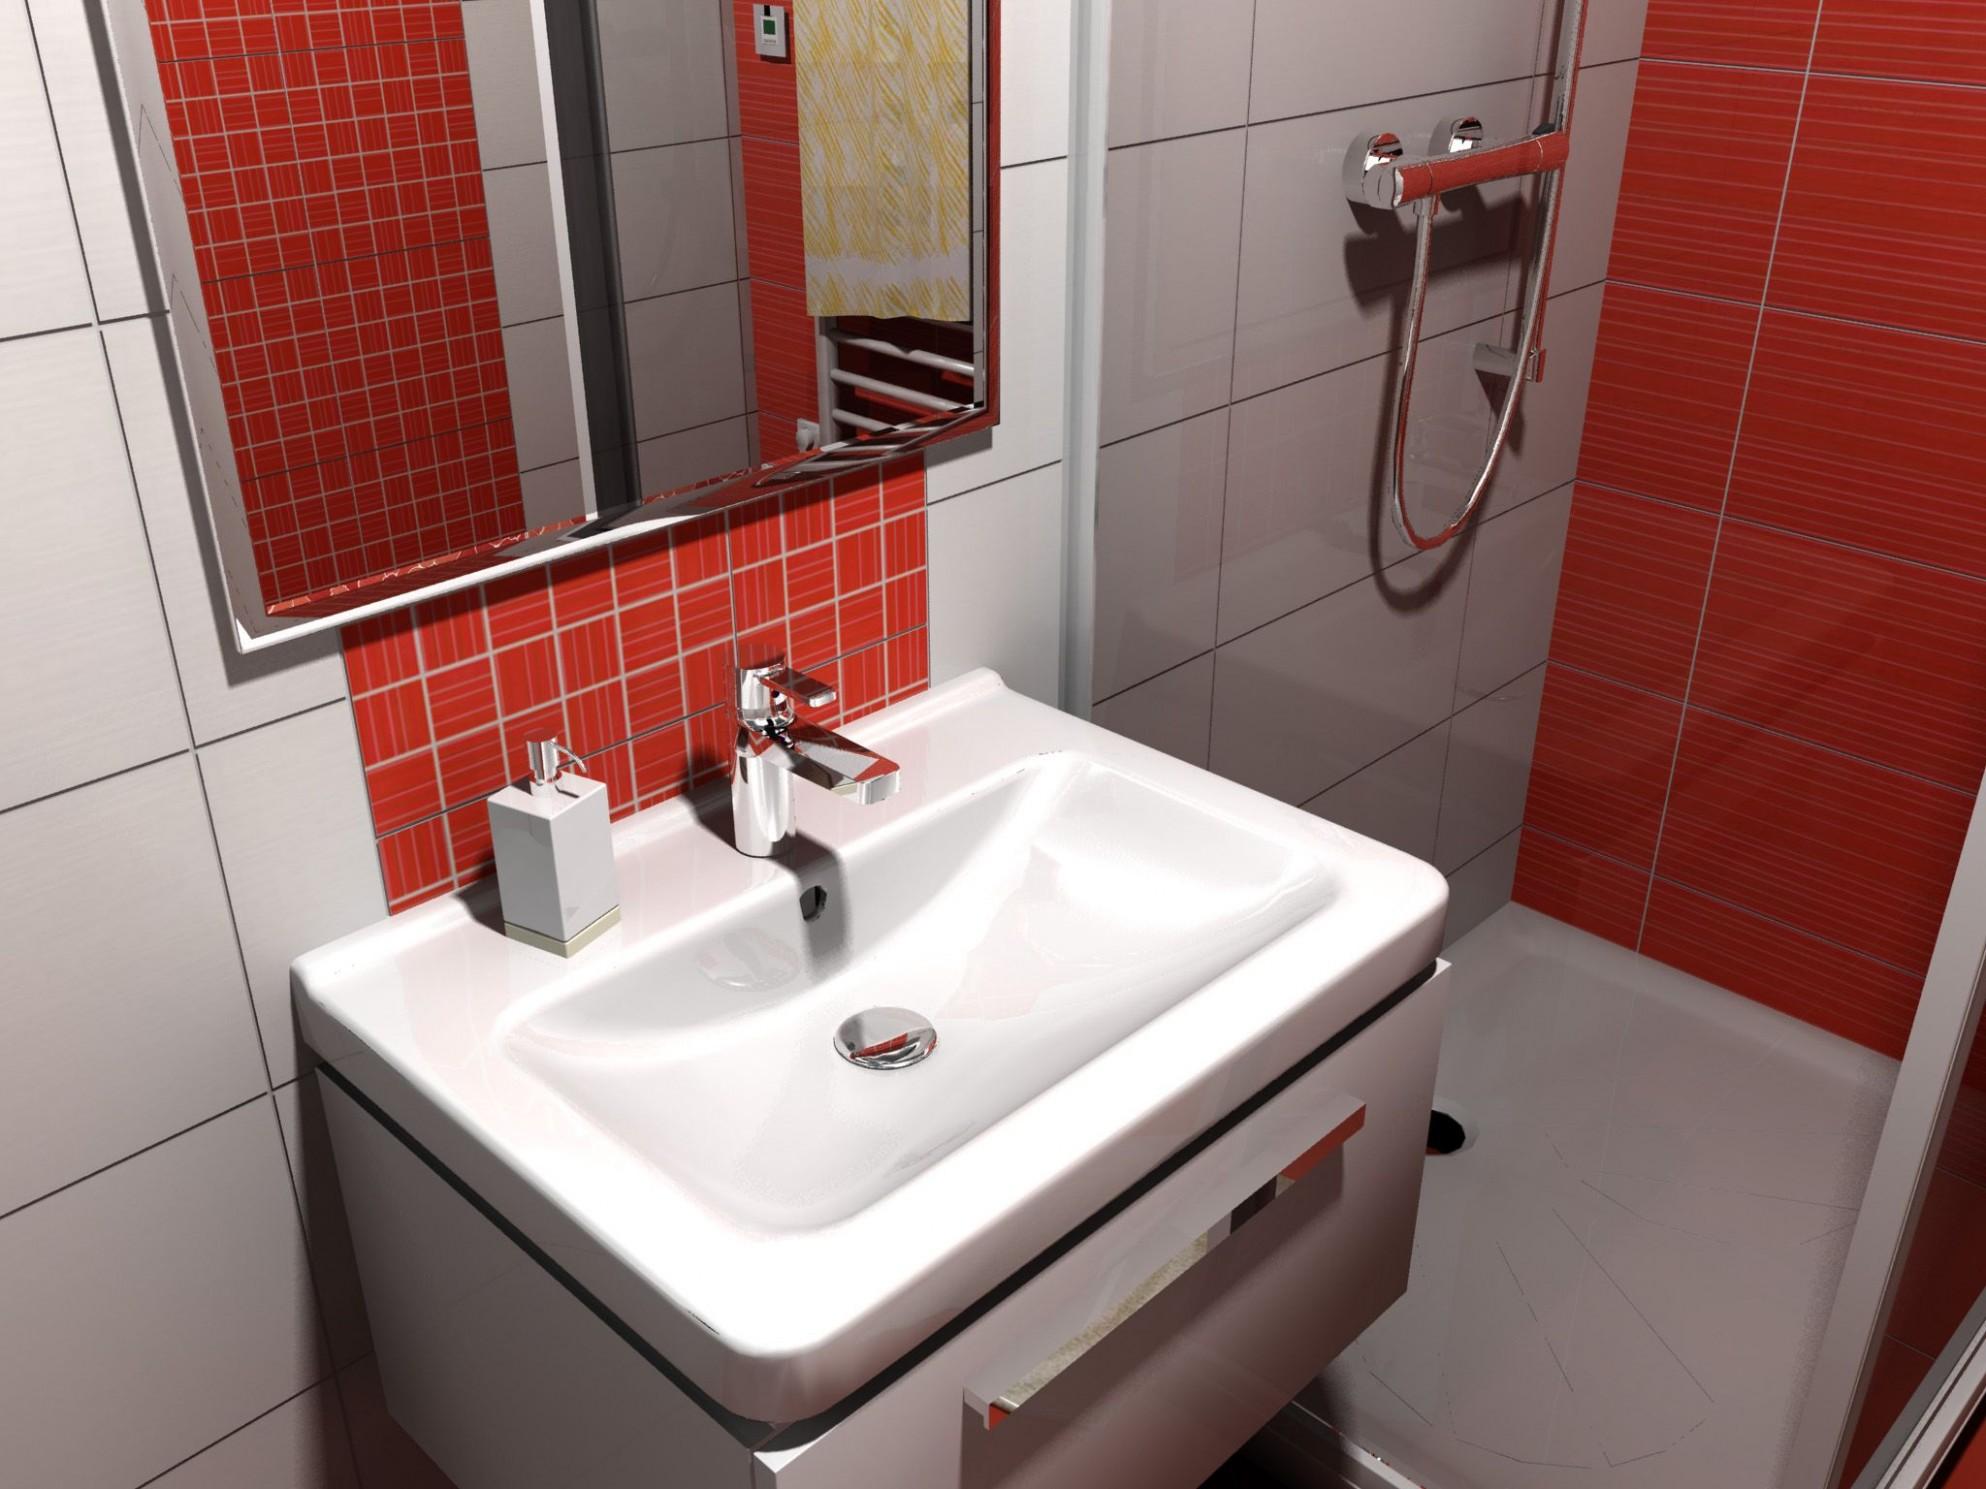 ModerníKoupelny MARO - galerie koupelen pro vaši inspiraci